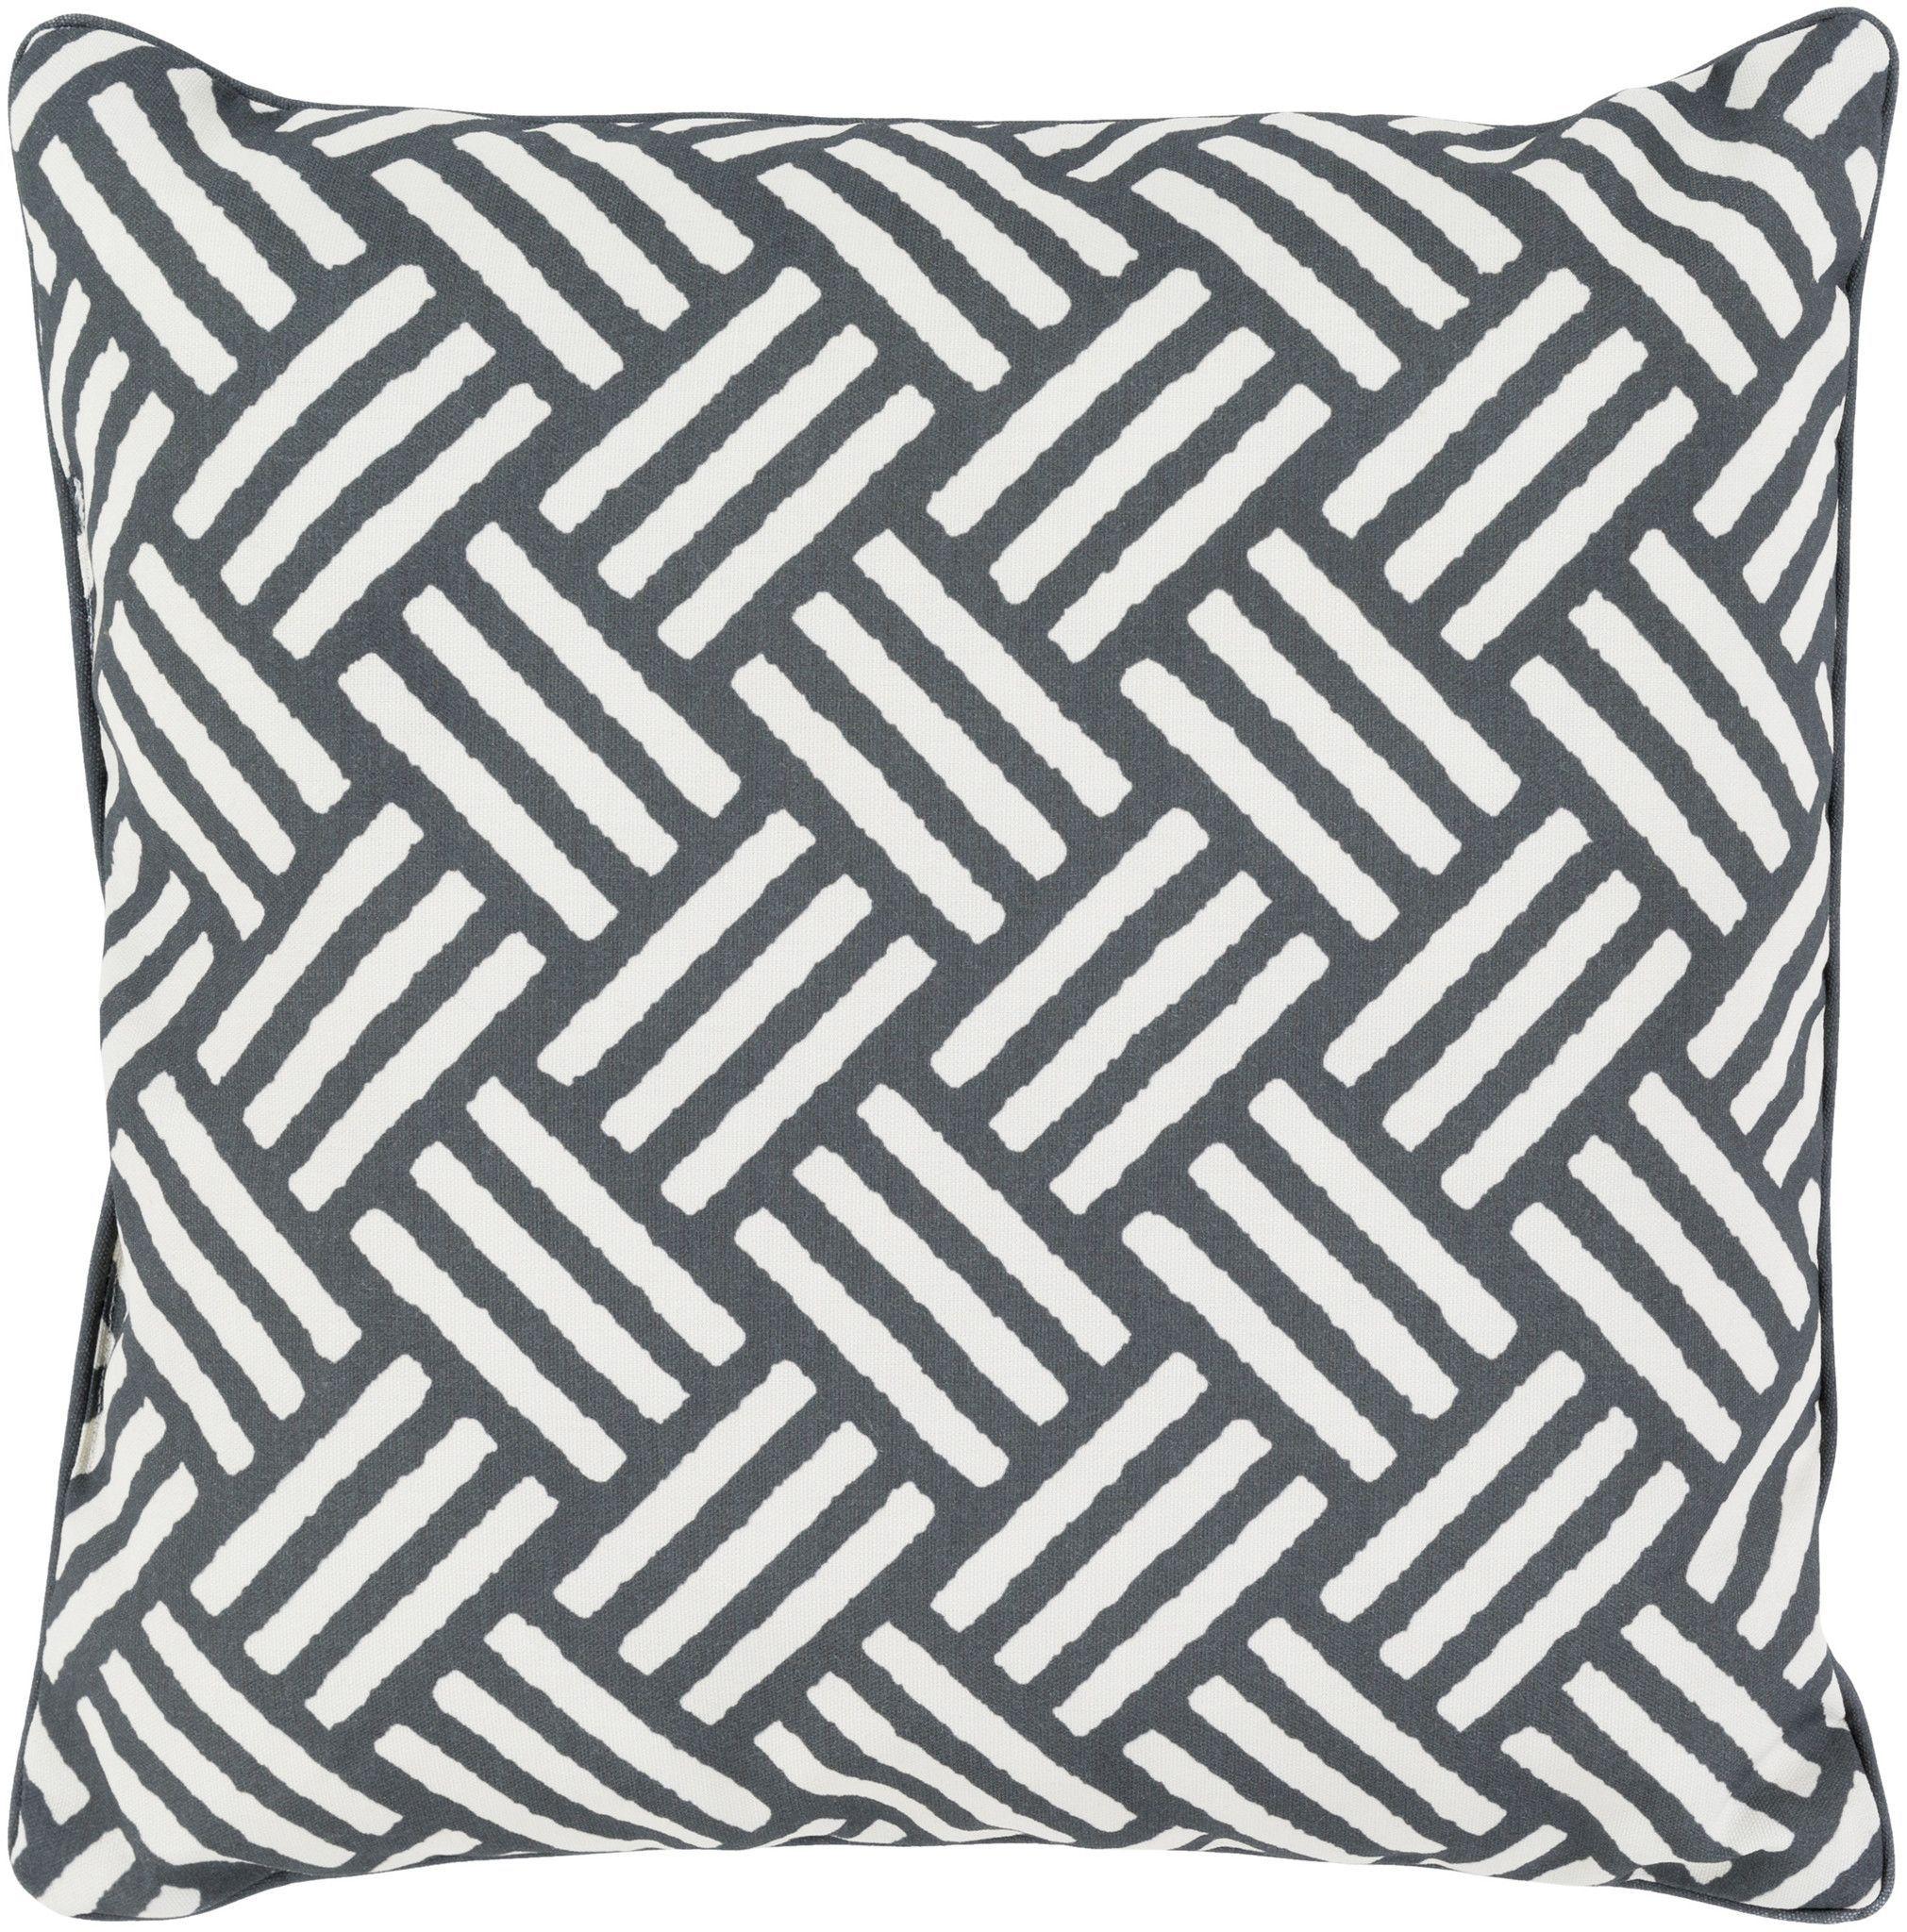 Surya basketweave throw pillow black neutral throw pillows ivory